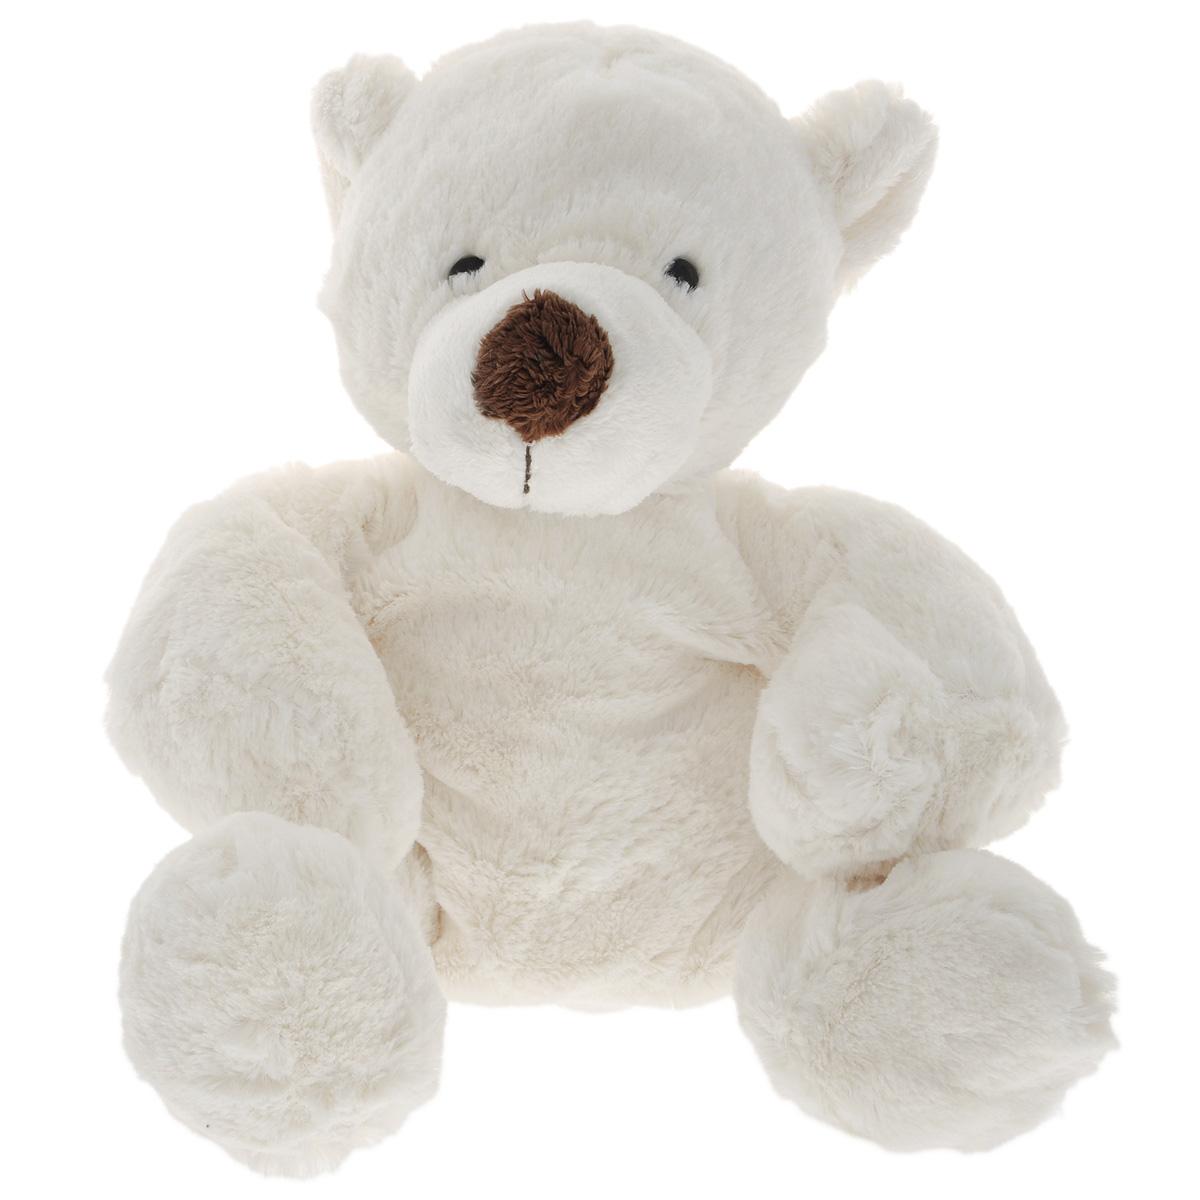 Мягкая игрушка Gulliver Медведь белый, лежачая, 43 см7-43061-1Мягкая игрушка Медведь белый лежачий создана на радость мальчикам и девочкам, но и взрослые не смогут пройти мимо такого очаровашки. Малыш будет воображать медведя на дрейфующей льдине, странствующей по просторам океана или нежащегося на солнышке в вольере зоопарка, а может ребенок просто захочет взять мишку с собой в гости, чтобы показать своим друзьям плюшевого питомца. Медведь белого цвета, без всяких пятен на шкурке, у него выделяются только черные глазки, похожие на два маленьких уголька, и черный носик. Медвежонок ложится спать, почти полностью сворачиваясь в клубочек, а при желании его можно усадить. Ребенку понравится спать с плюшевым другом, крепко обняв его или положив под голову вместо подушки. Мягкие игрушки способствуют развитию тактильной чувствительности и воображения малыша, ребенок учится быть самостоятельным и нести ответственность за своего плюшевого друга мишку. Кроха станет внимательным, ловким и аккуратным, будет следить,...